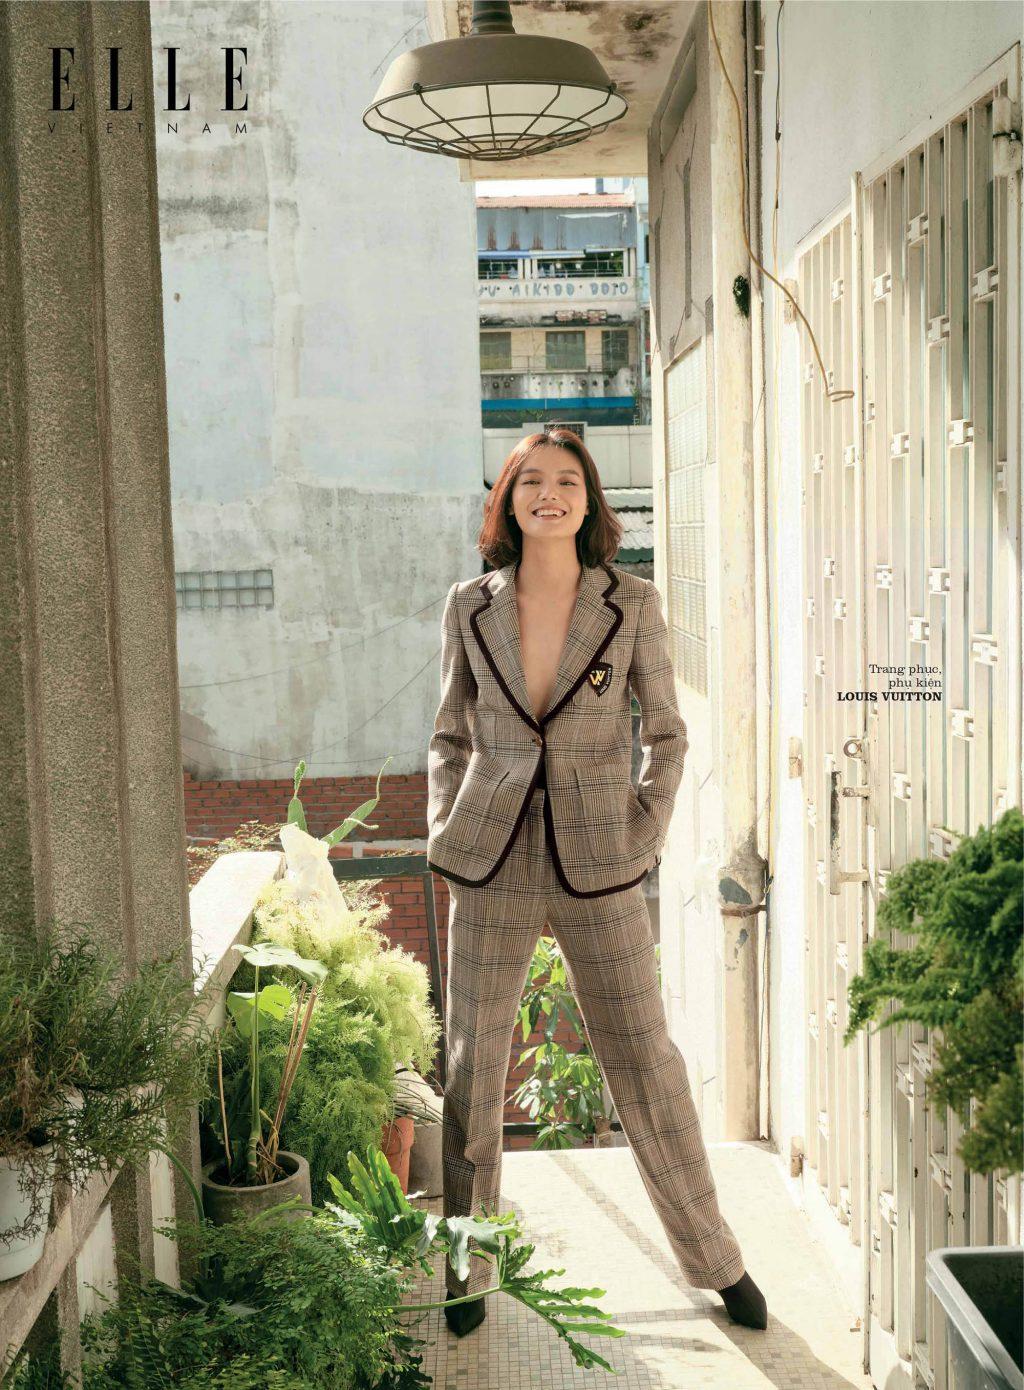 bộ ảnh thời trang trang phục menswear Louis Vuitton